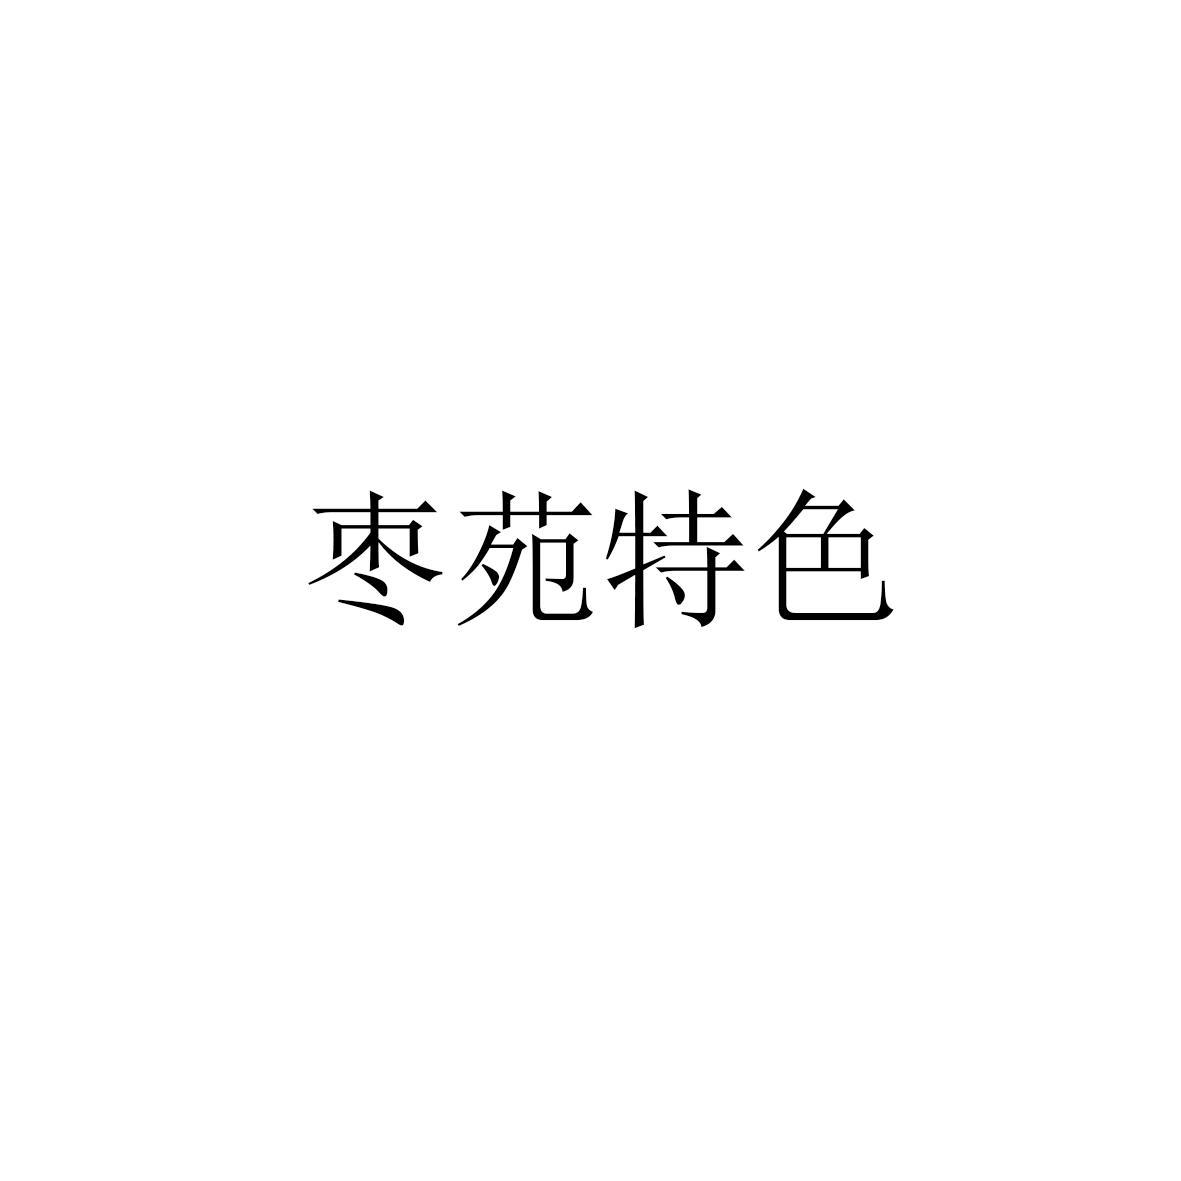 商标文字枣苑特色商标注册号 41184964、商标申请人吐尔洪?买吐送的商标详情 - 标库网商标查询